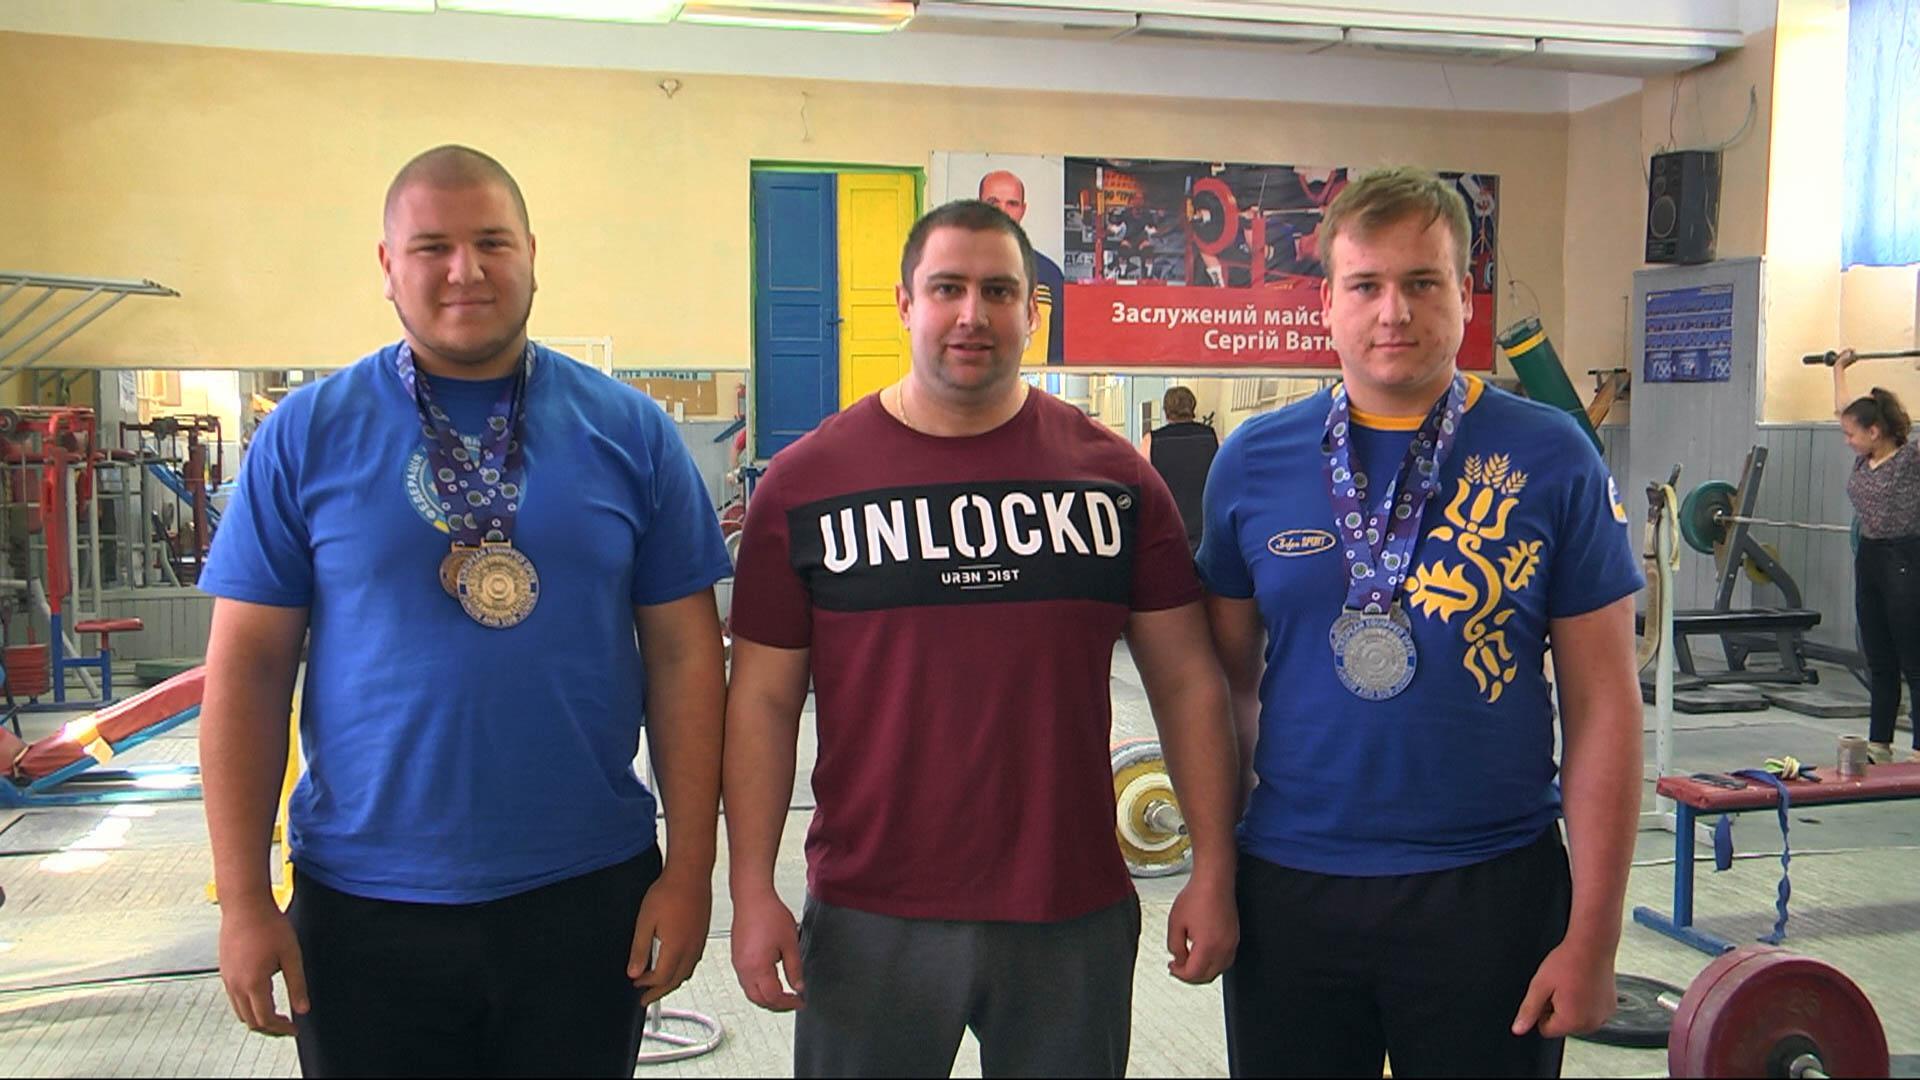 Прикарпатські пауерліфтери завоювали чотири медалі на чемпіонаті Європи в Чехії (ВІДЕО)